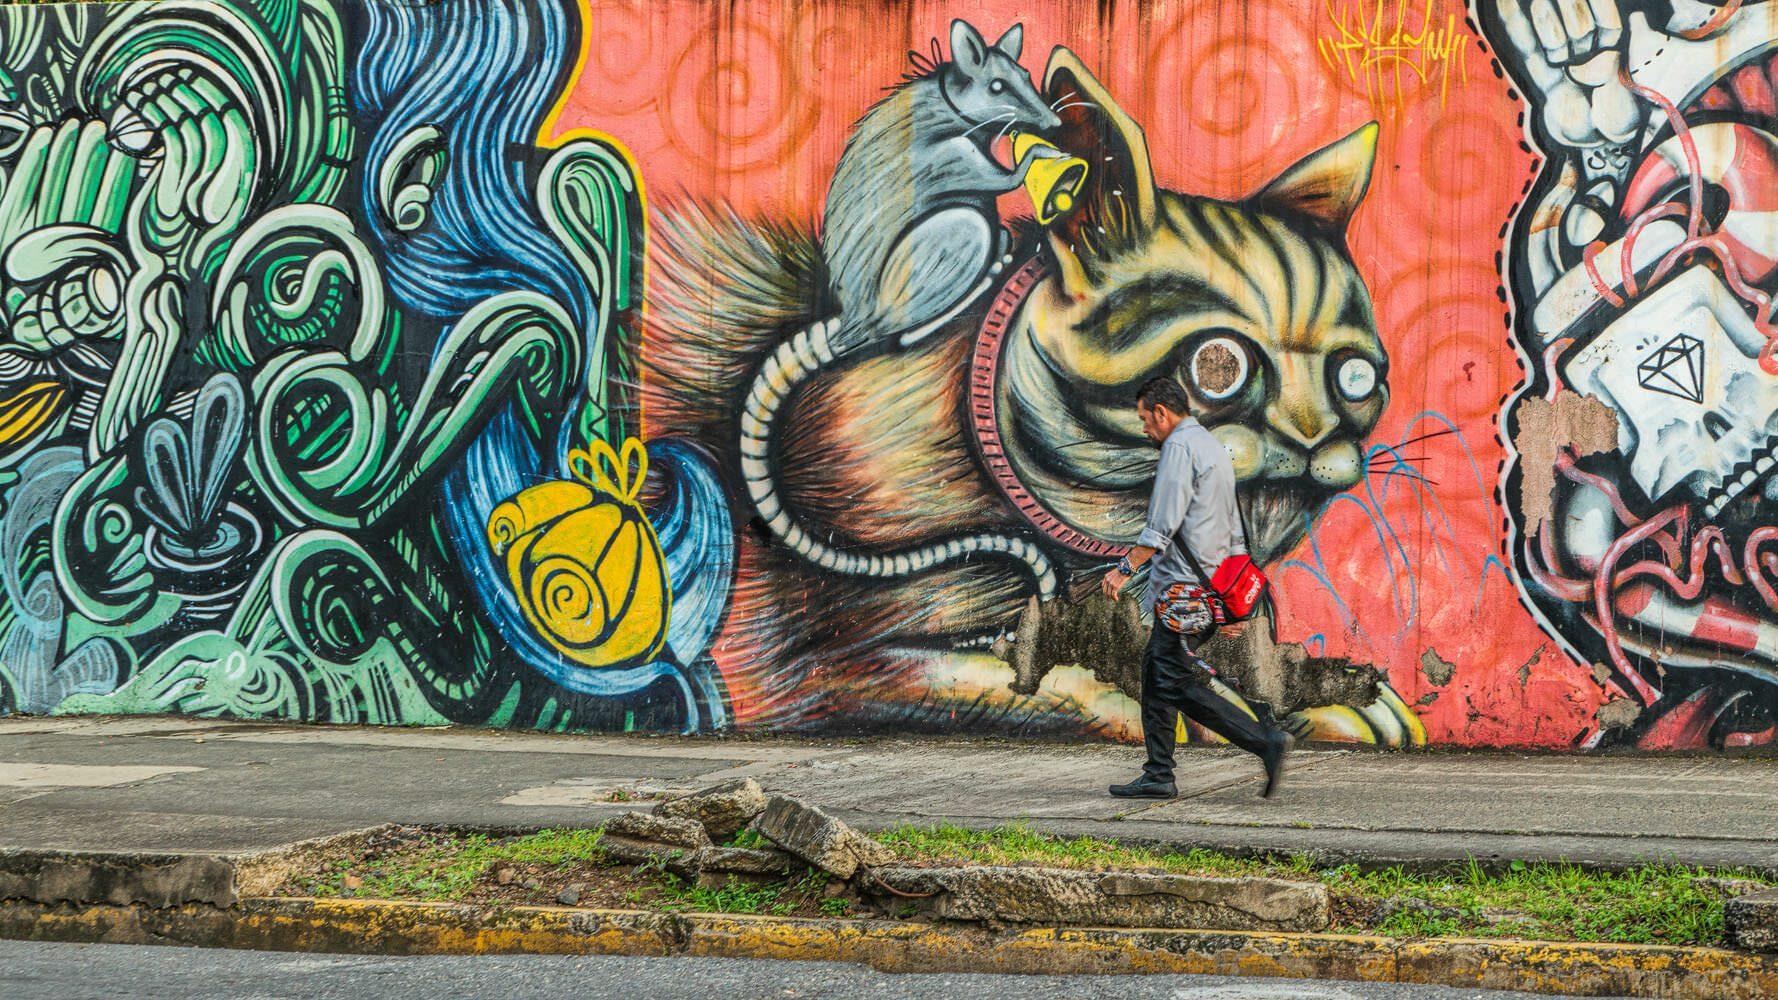 Man walking next to a wall of graffiti in San José Costa Rica